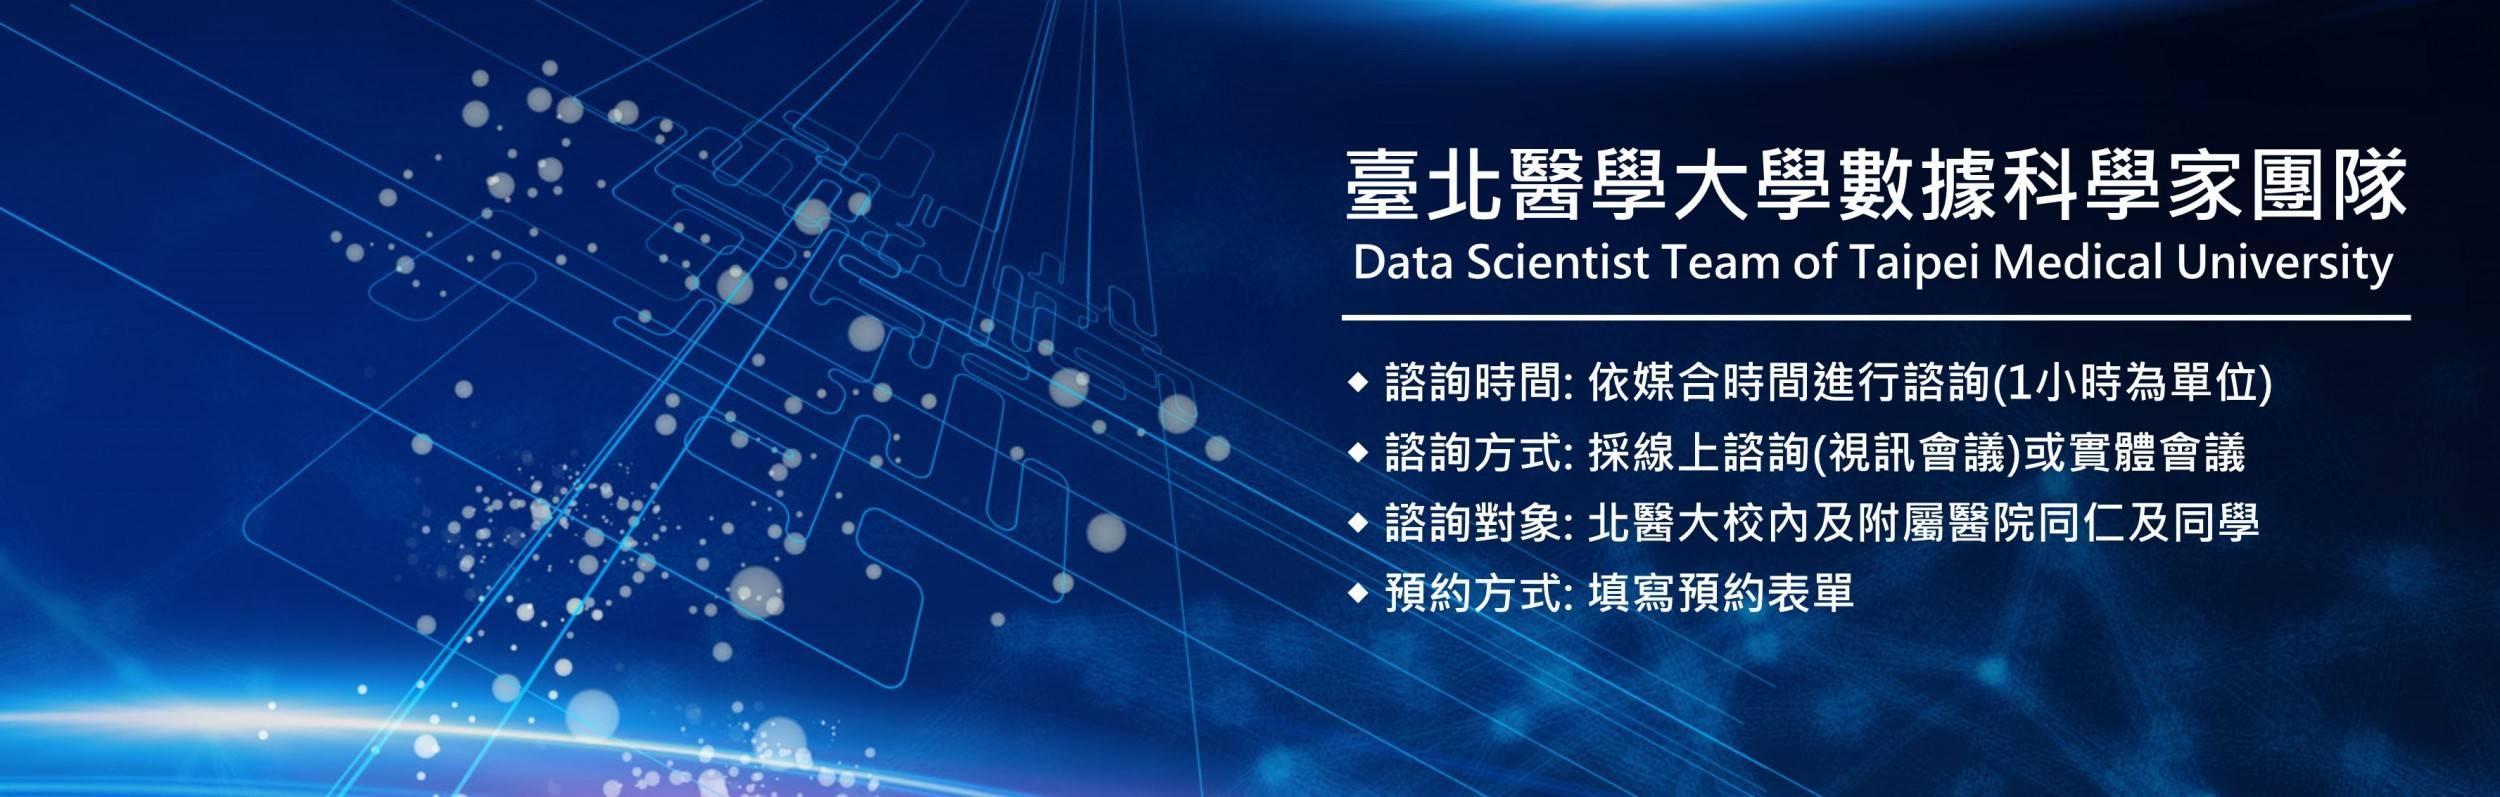 數據科學家諮詢服務